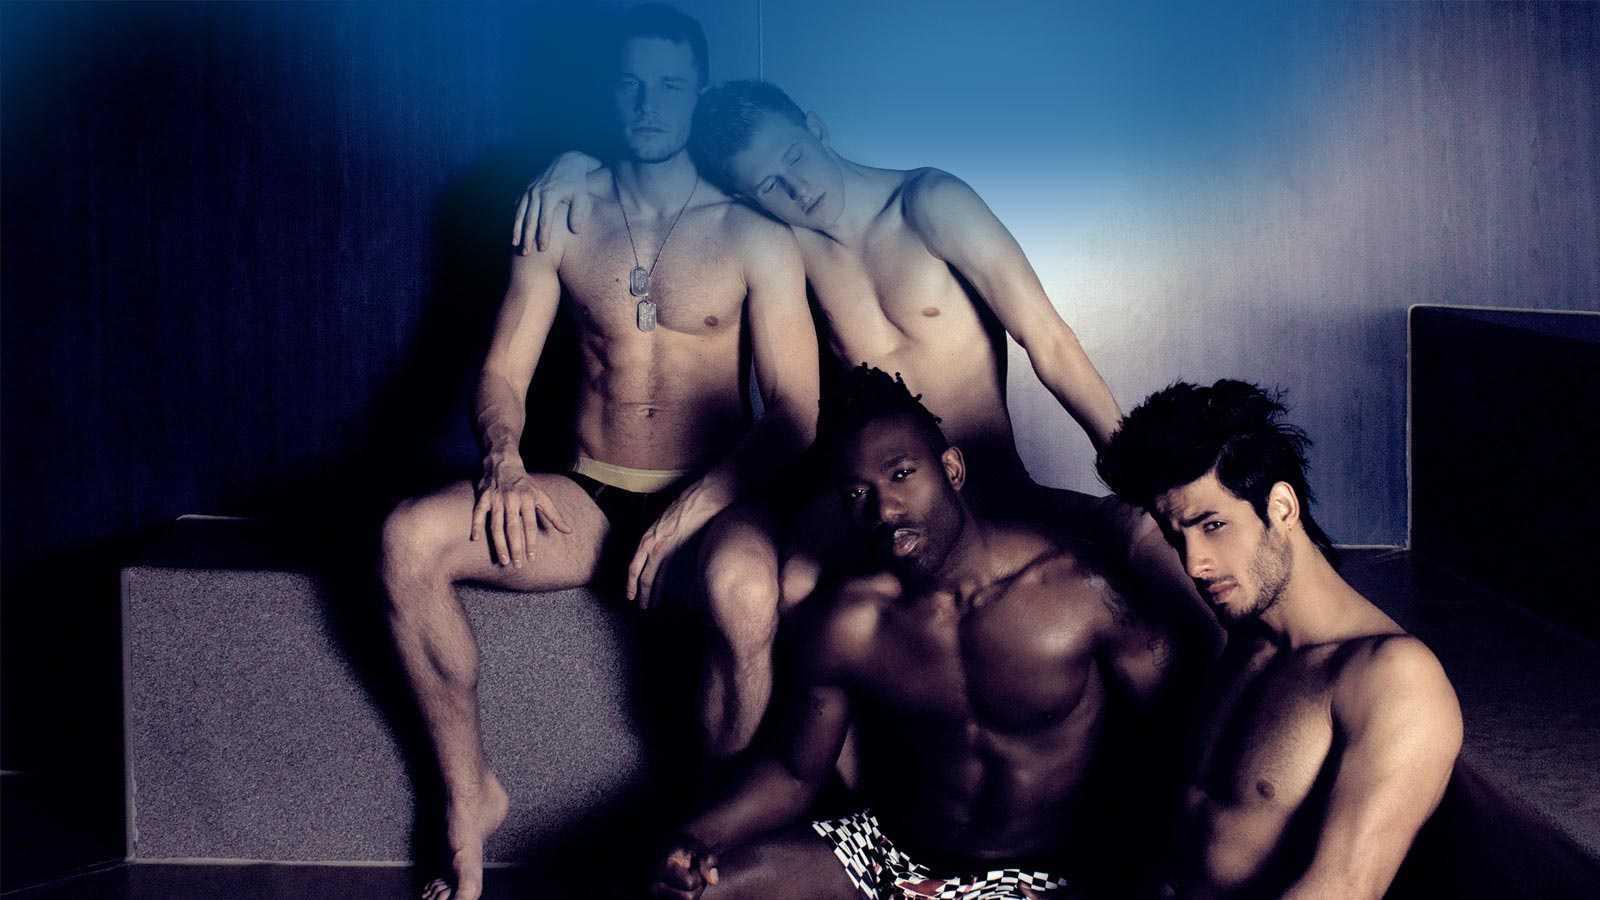 Die wichtigsten Tipps und Tricks in der Gay Sauna